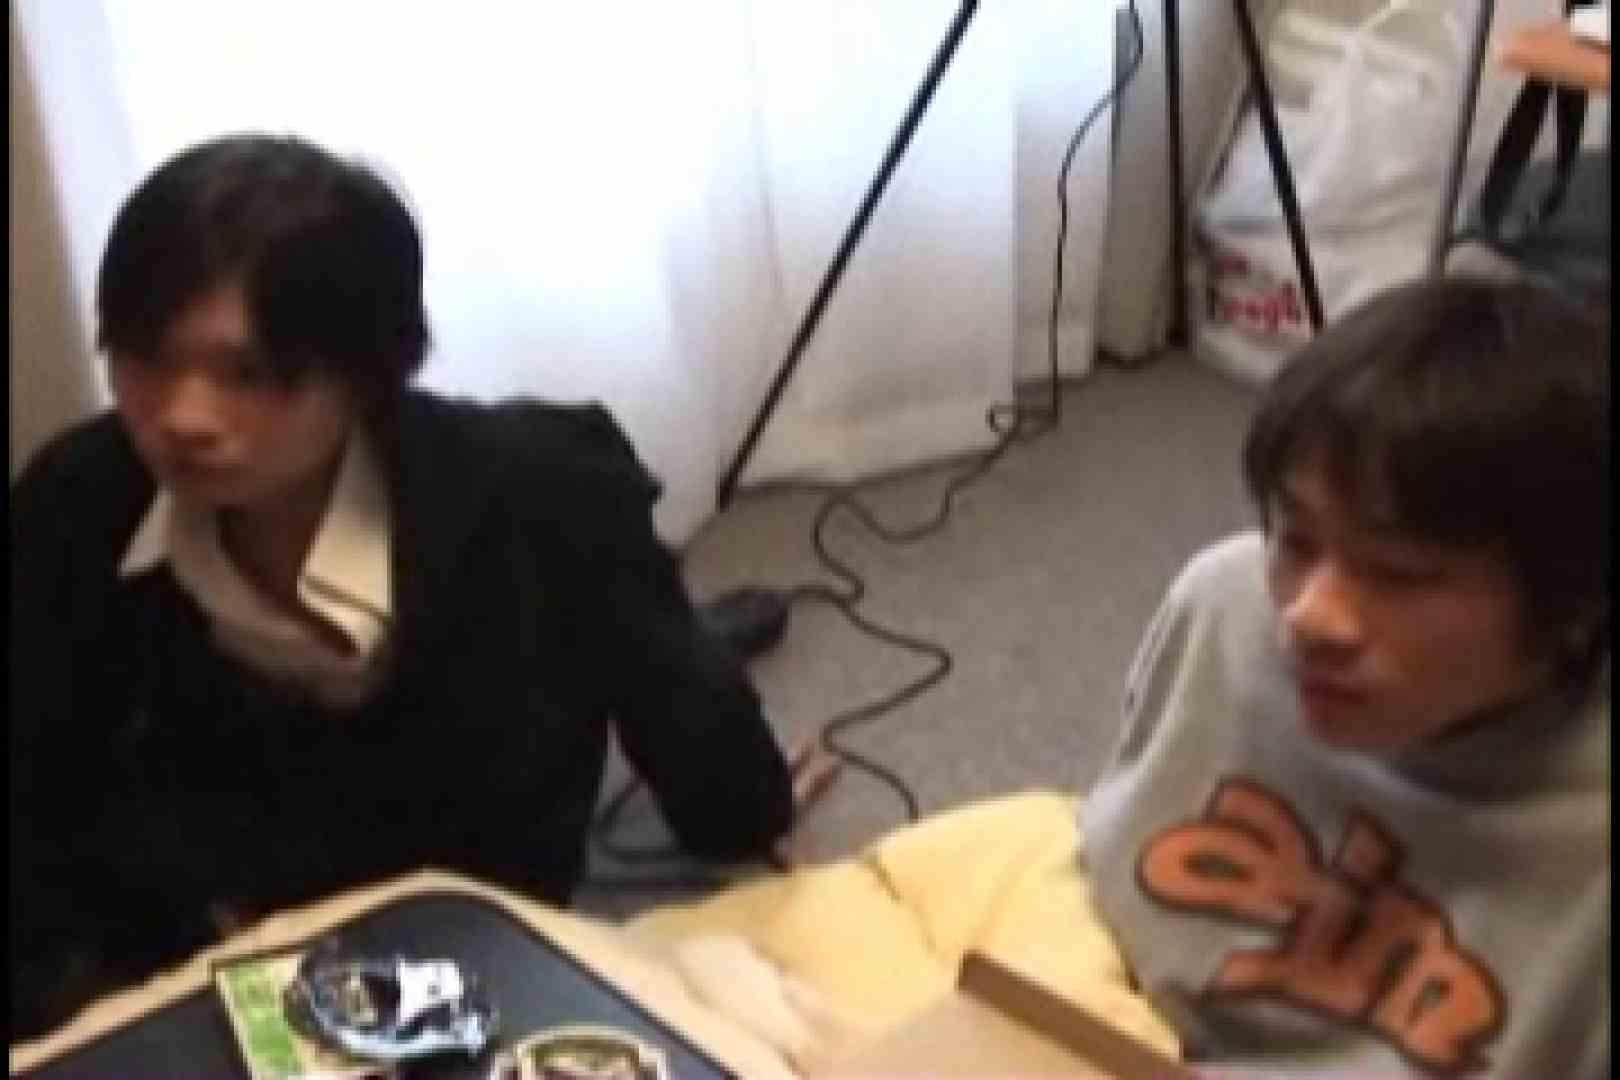 【個人製作投稿】青春真っ盛り!!2人でオナニー編 射精特集 ゲイアダルトビデオ画像 89枚 55